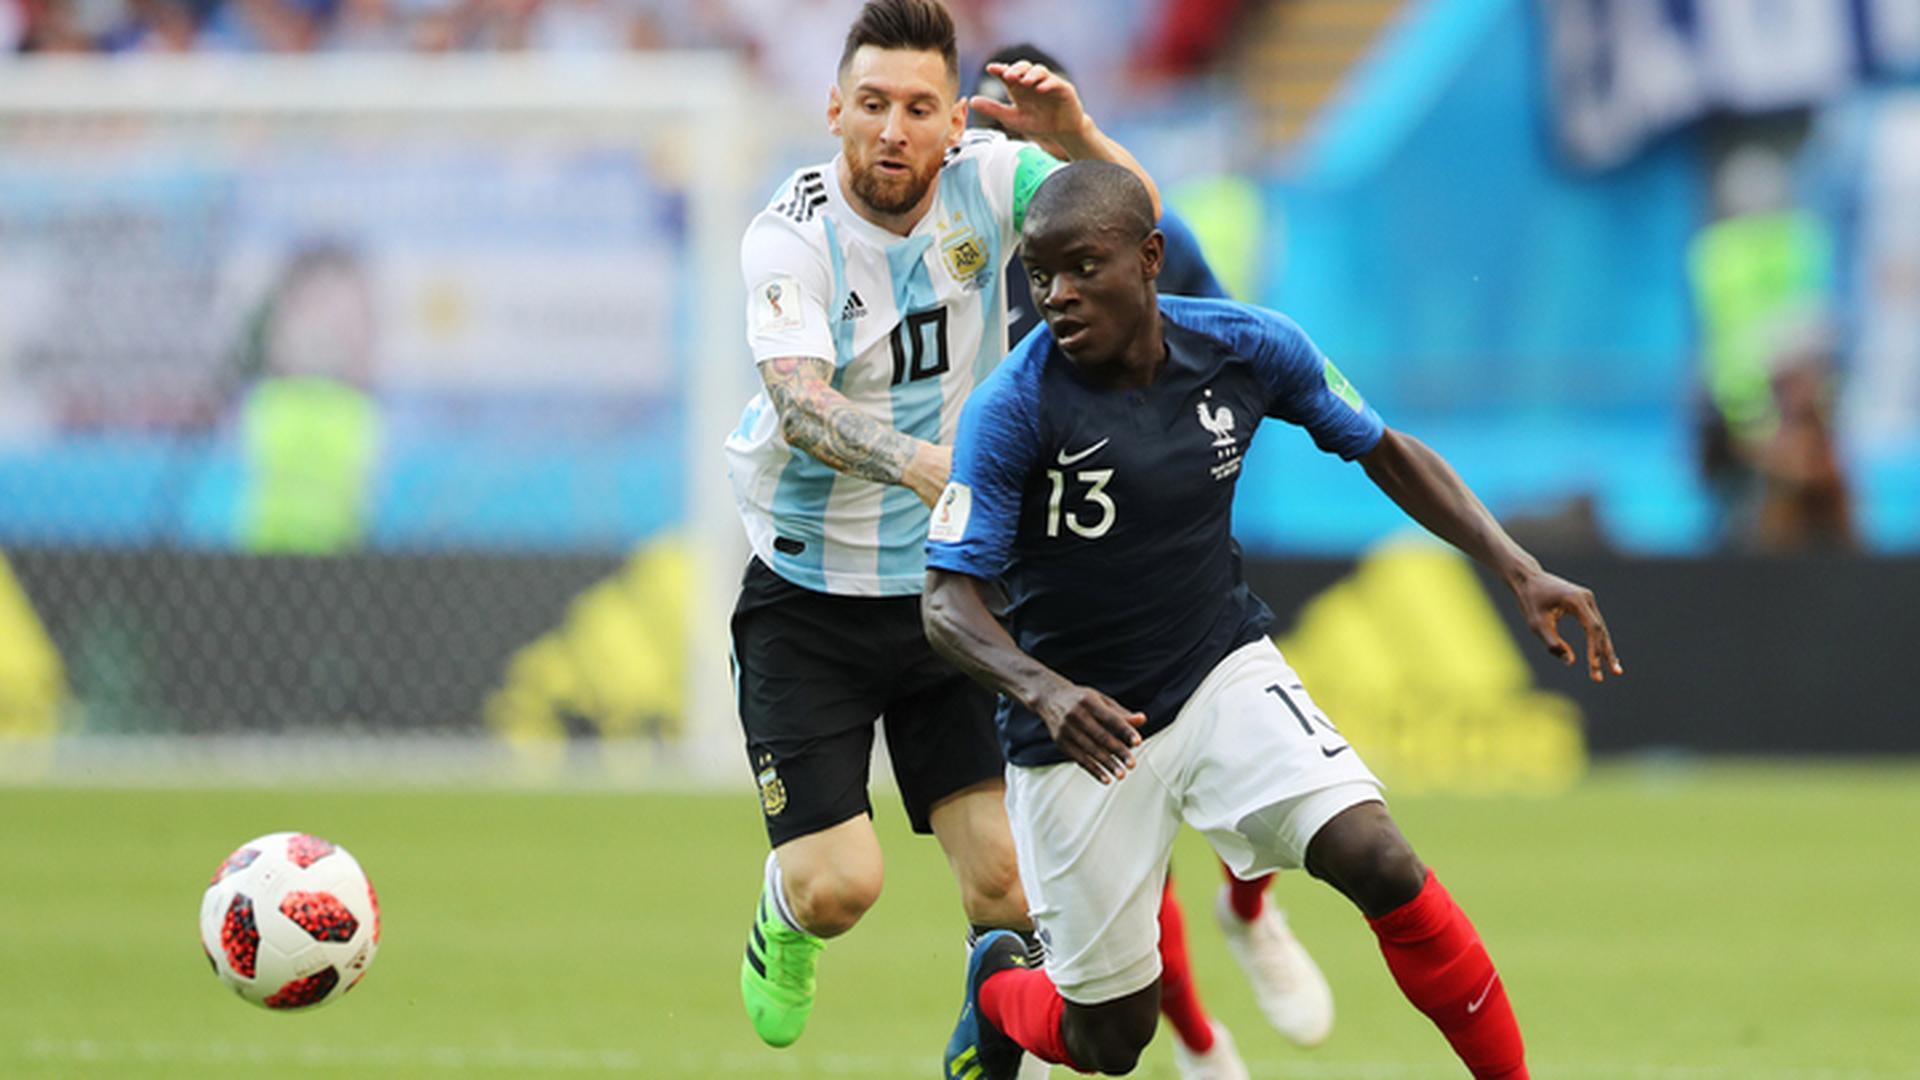 Франция – Аргентина. После первого тайма счет 1:1